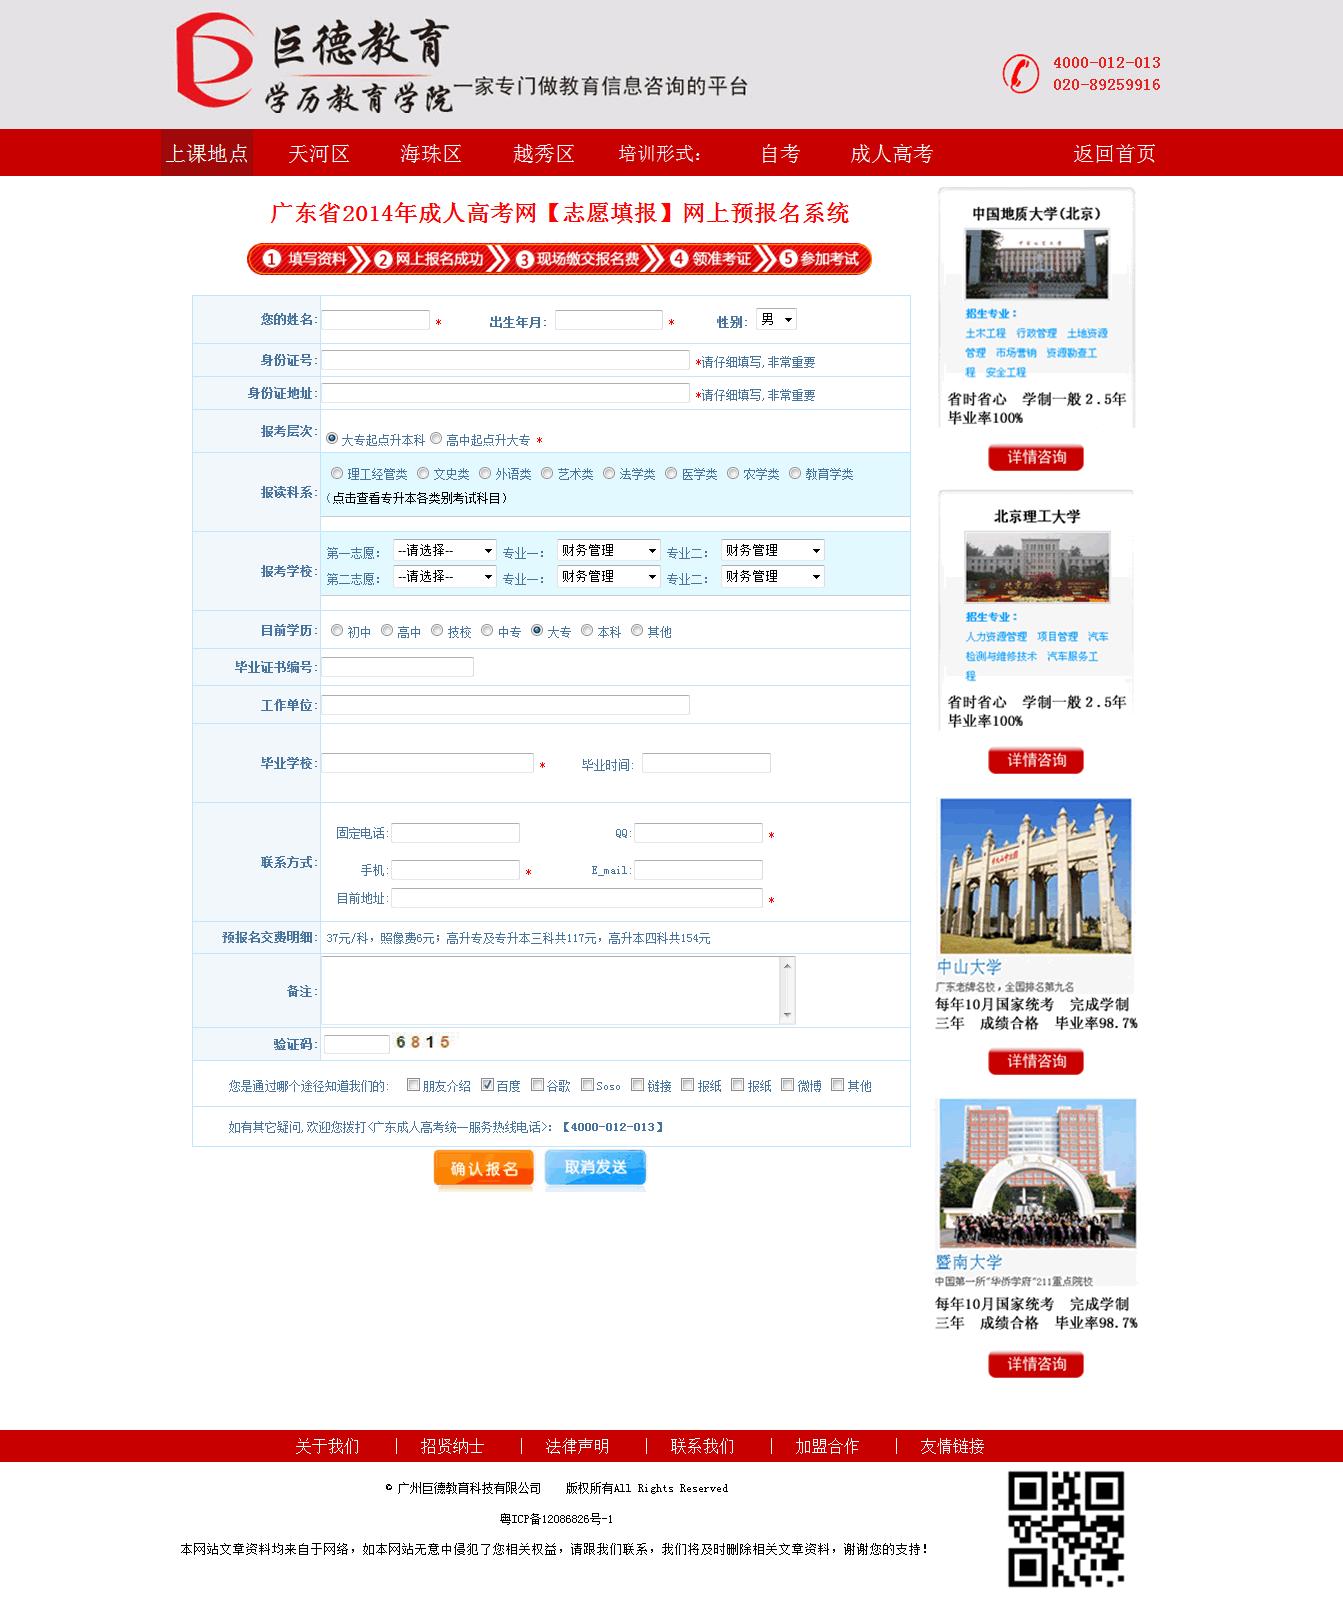 教育网站 培训机构网站